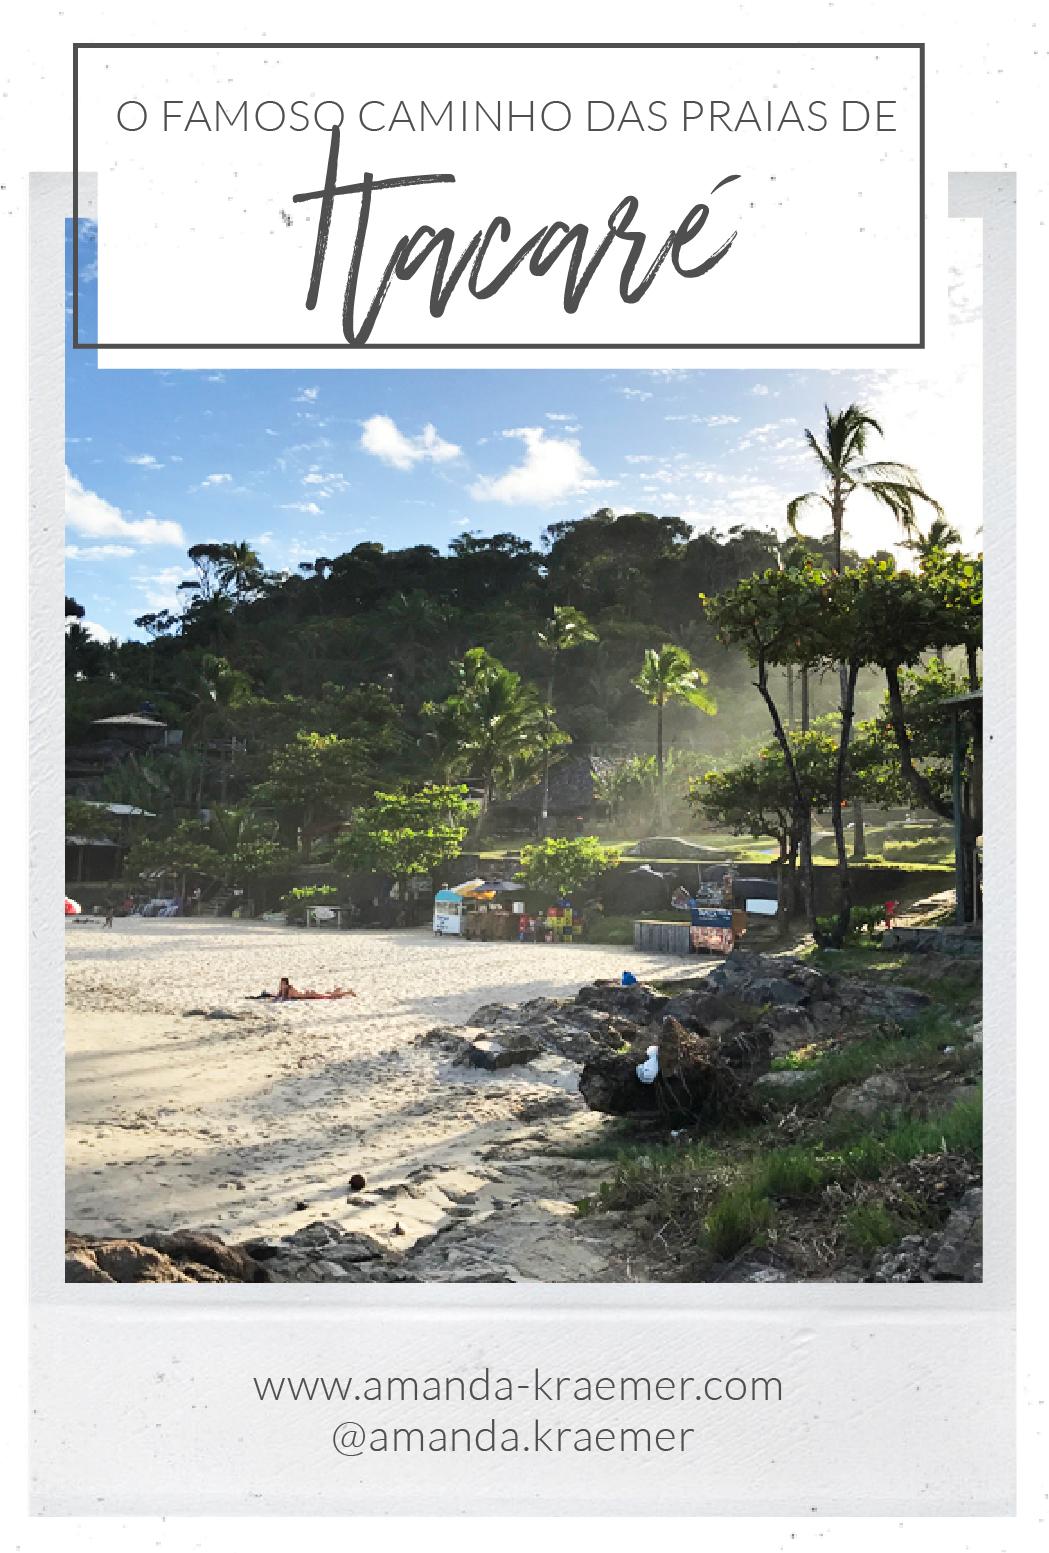 GUIAS-DE-VIAGEM-BRASIL-14.jpg